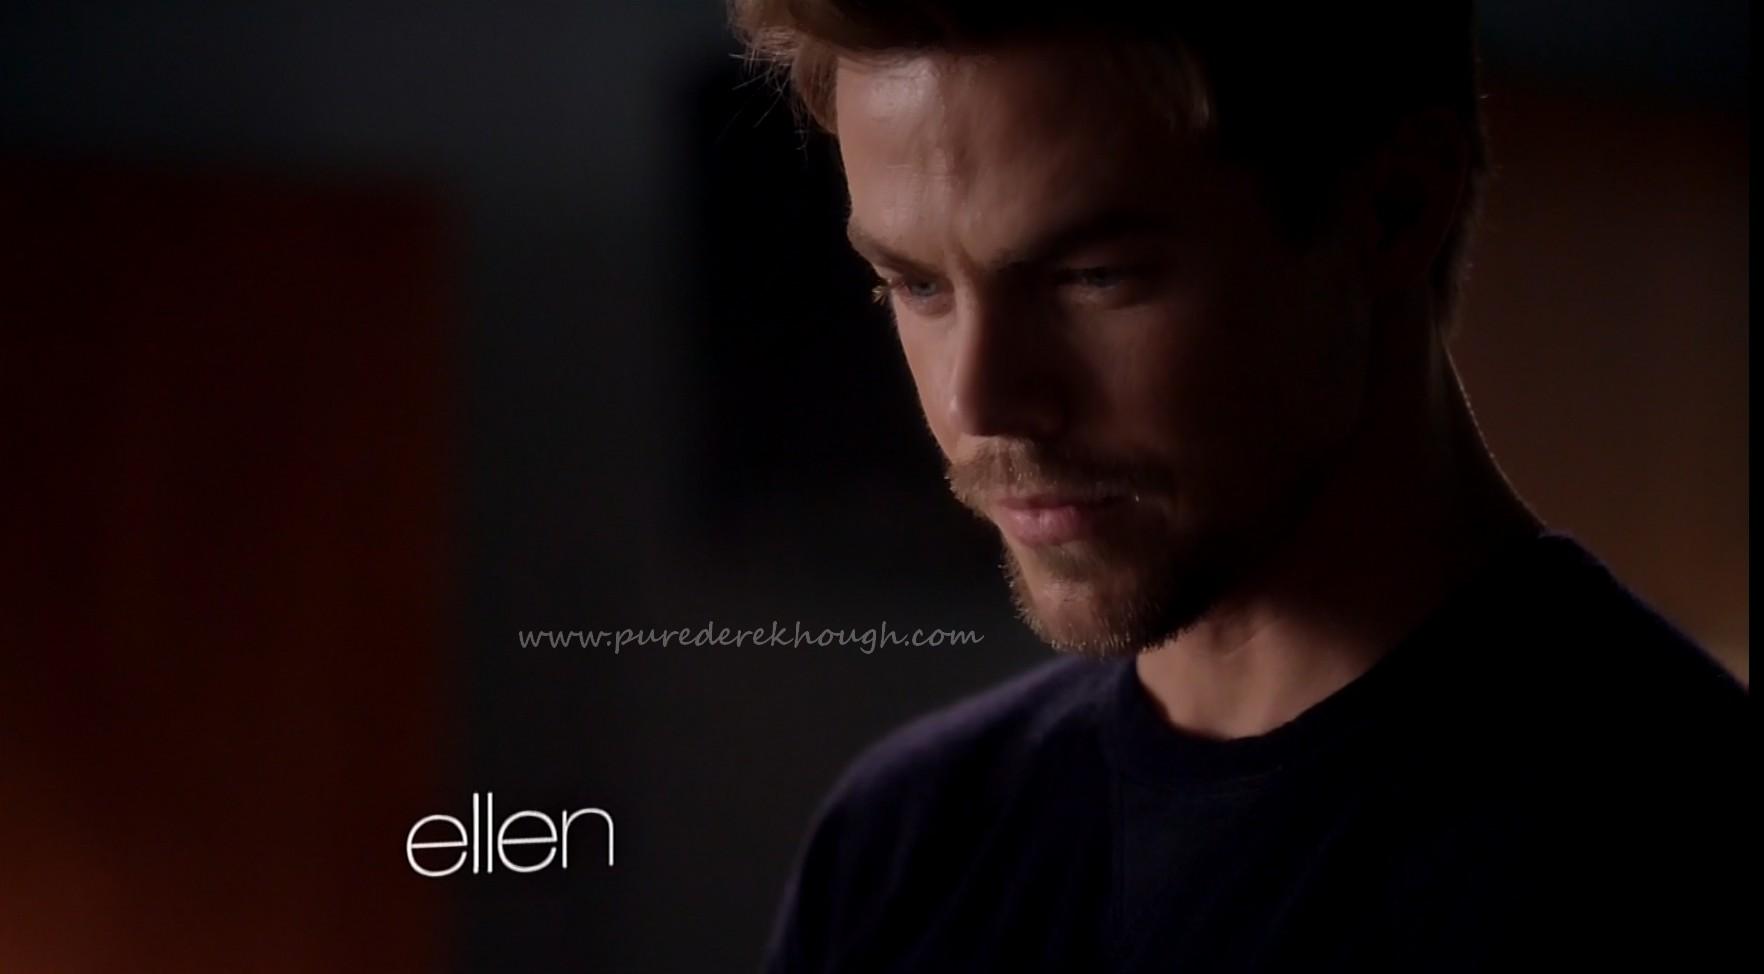 Derek-EllenDhow